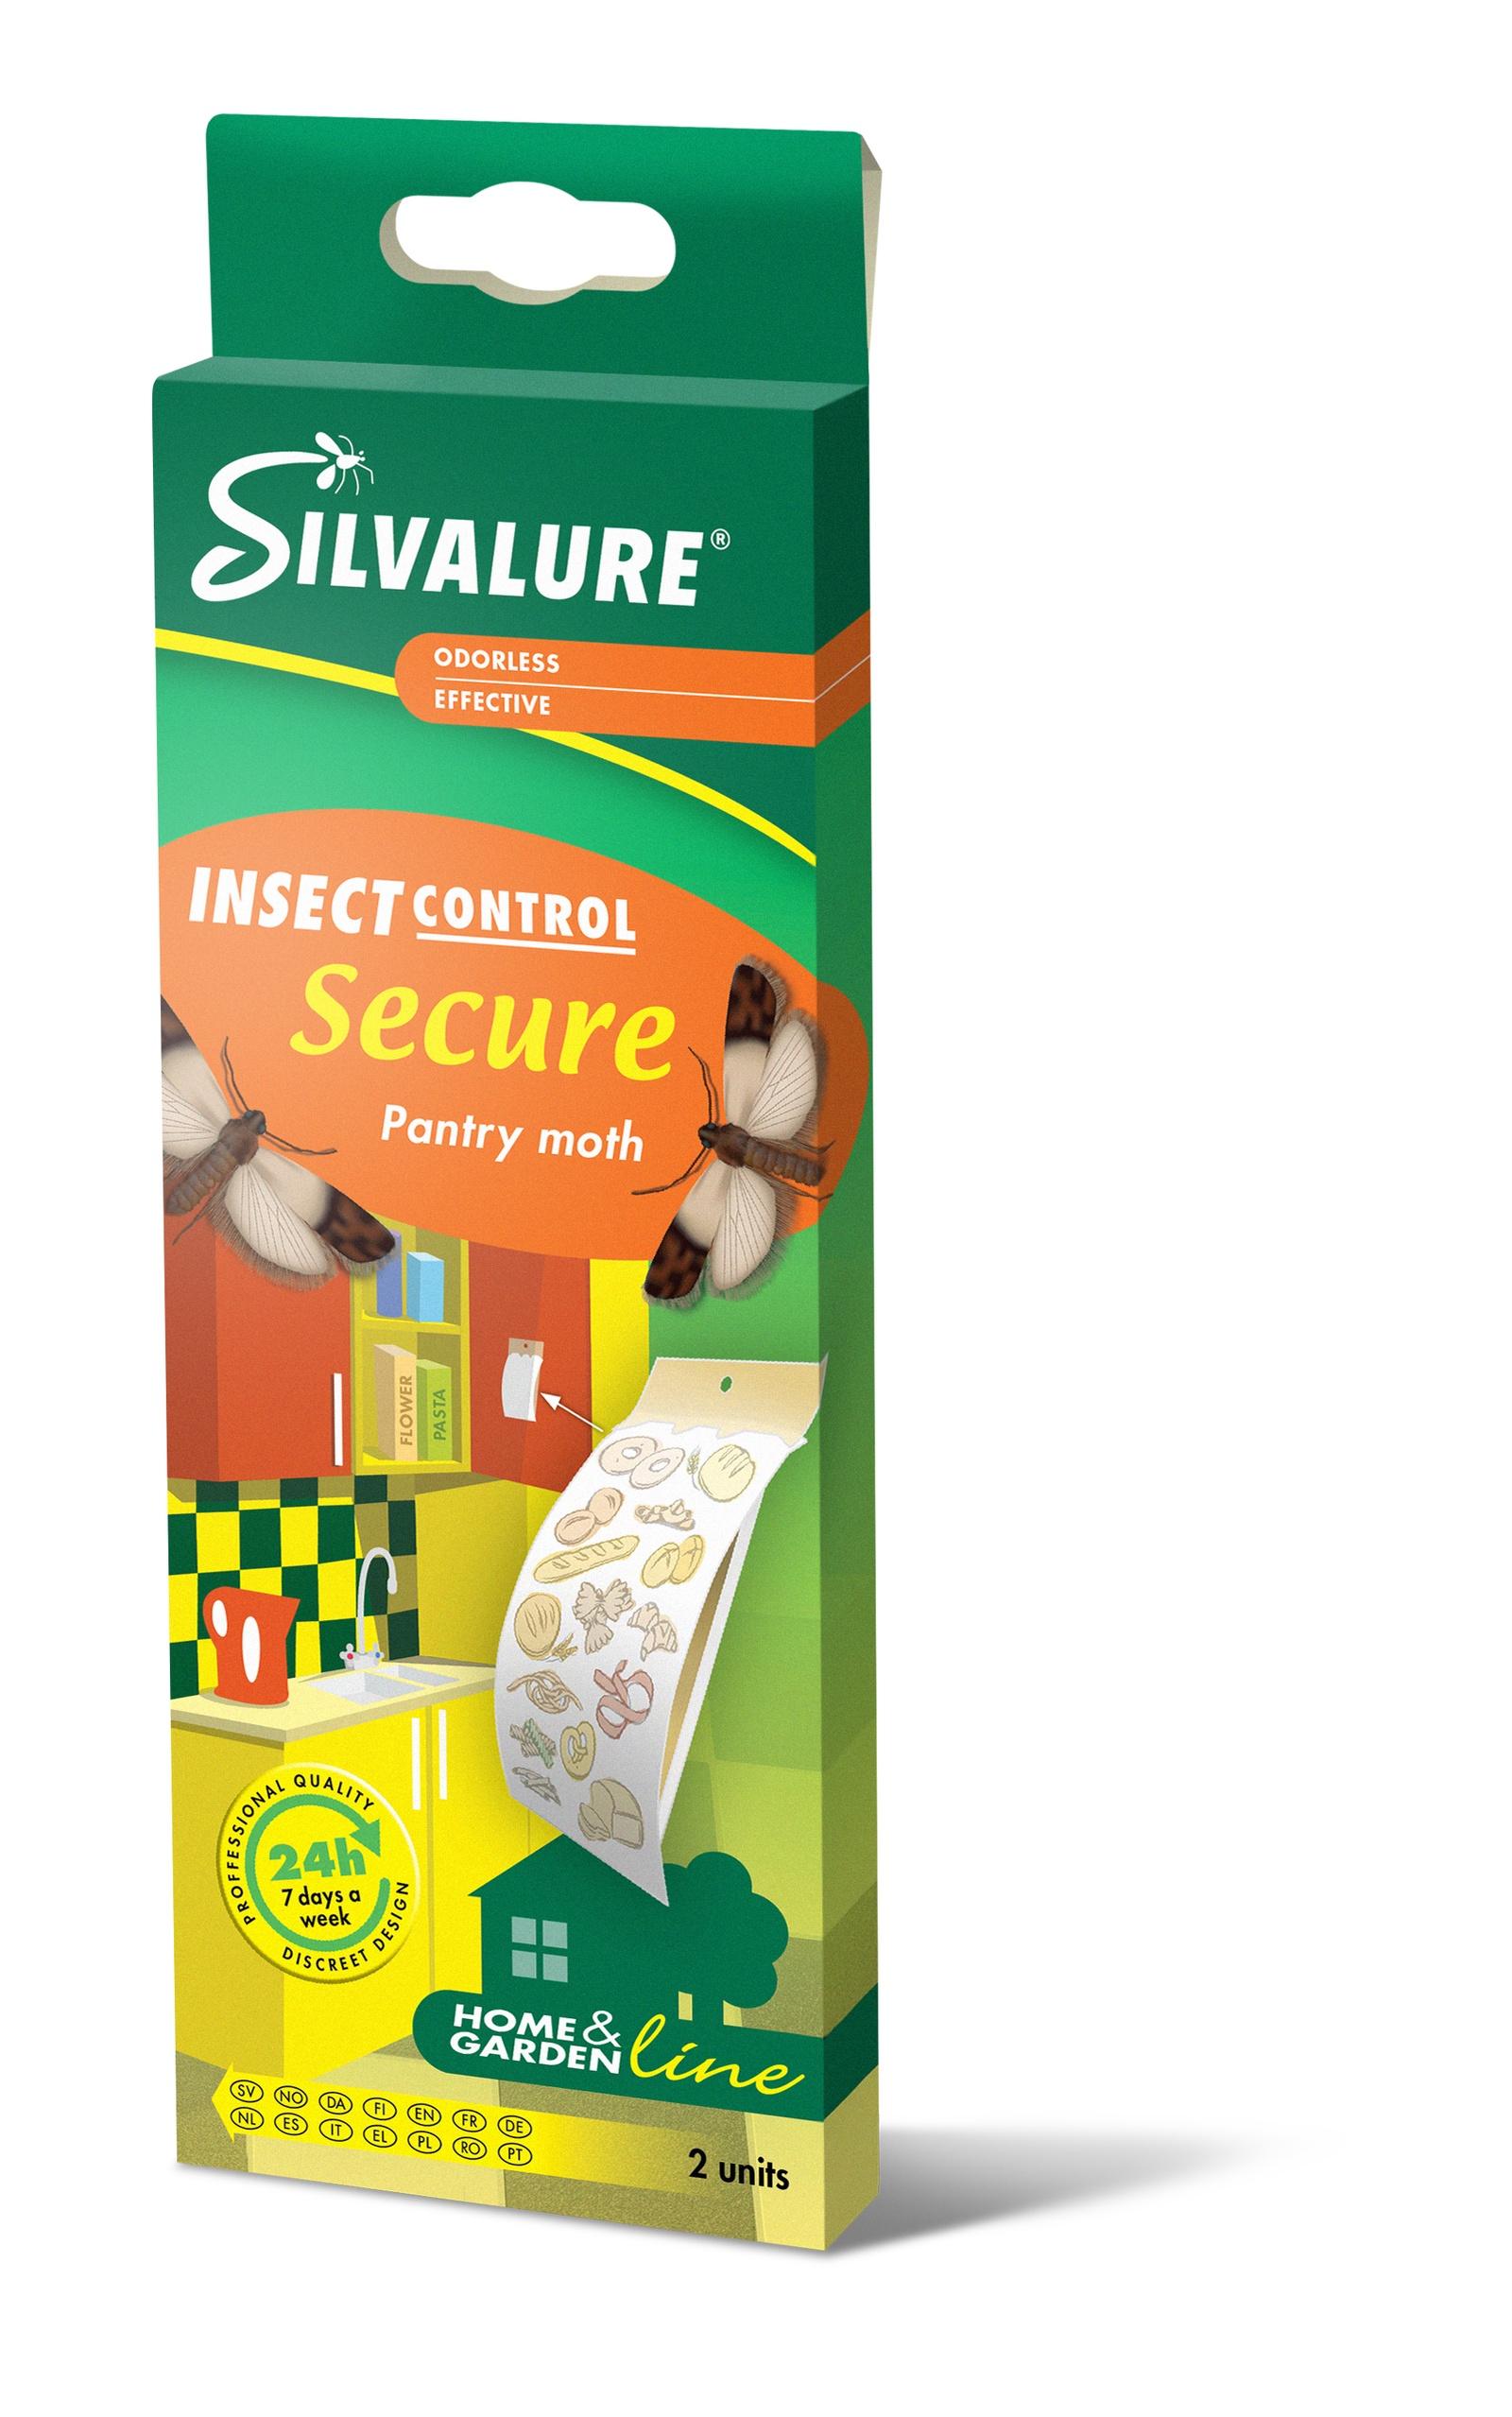 Ловушка для вредителей Silvalure. SECURE Клеевая ловушка с феромонами для пищевой моли 1 штука ловушка для туриста 1979